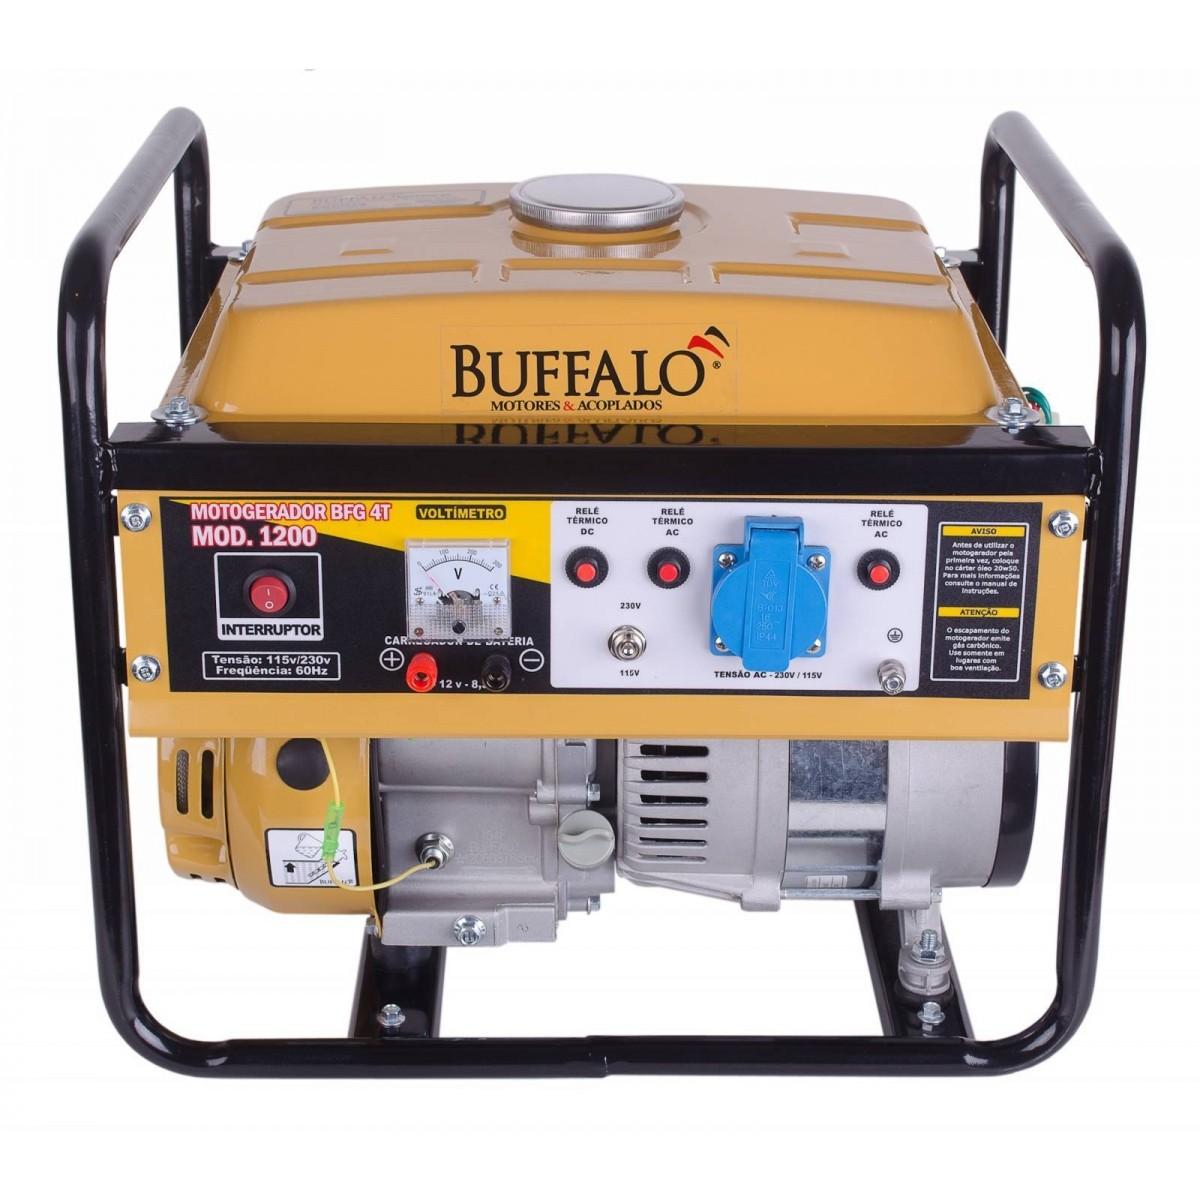 Gerador 1 KVA Monofásico a Gasolina 2.8 HP BFG 1200 Buffalo